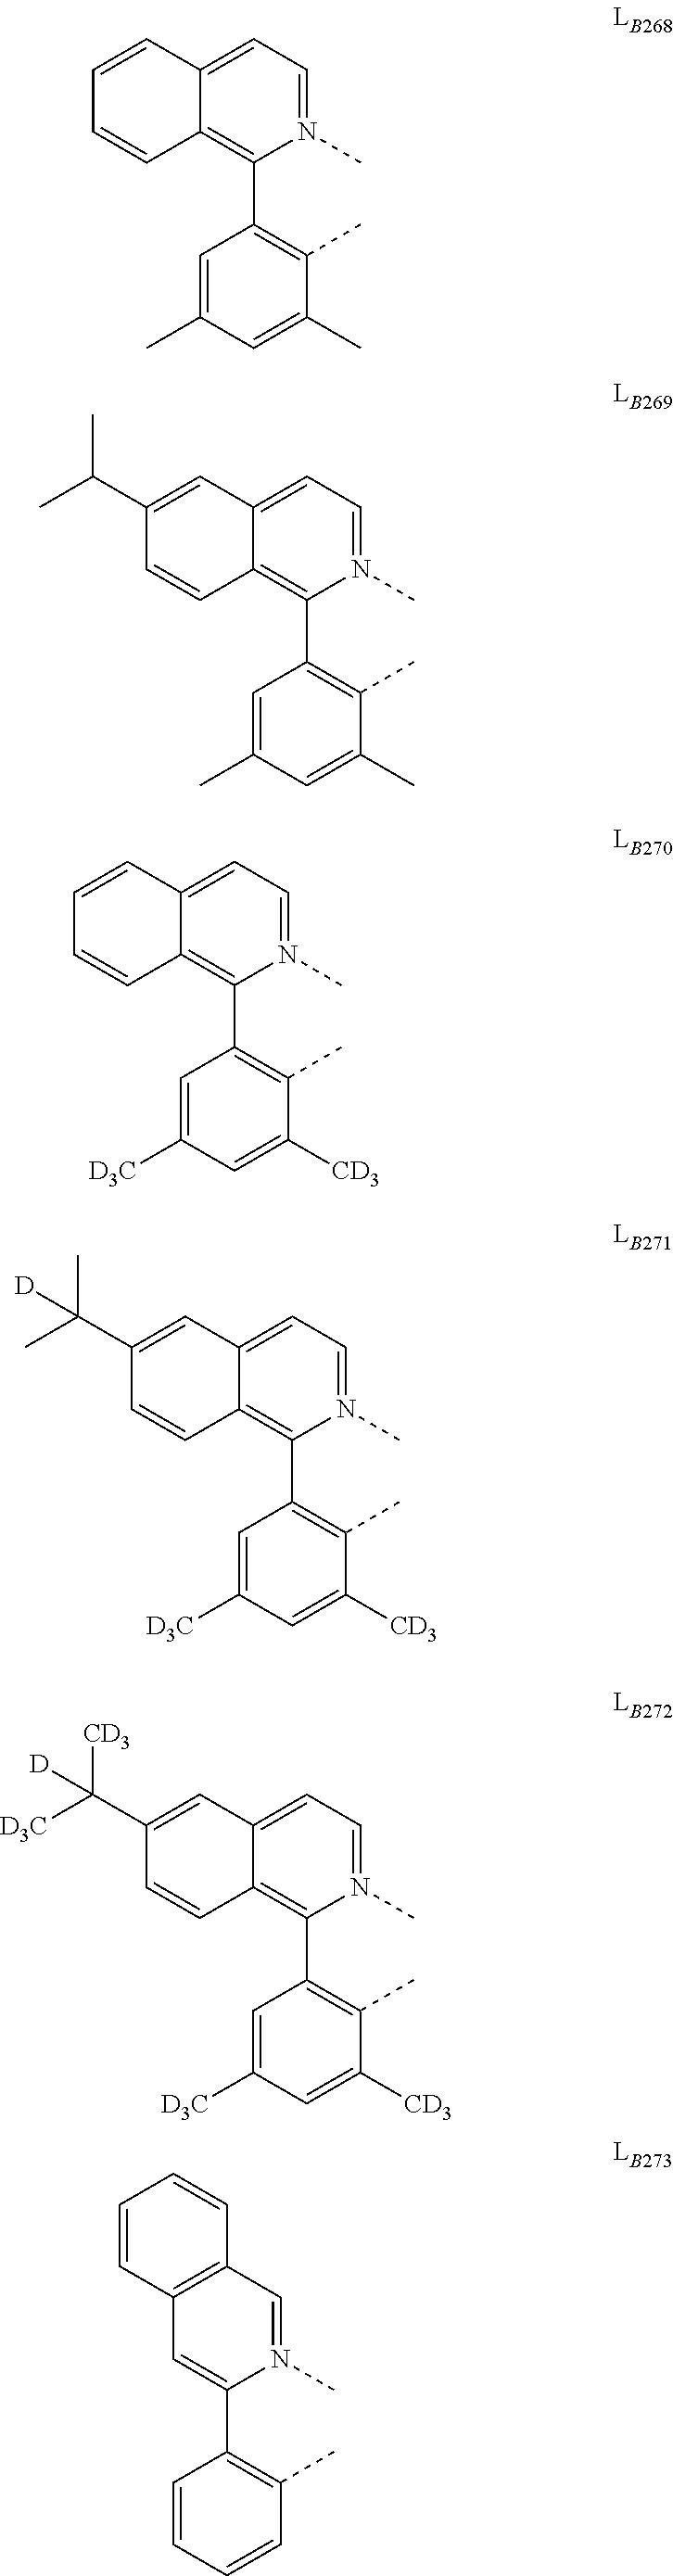 Figure US20180130962A1-20180510-C00315